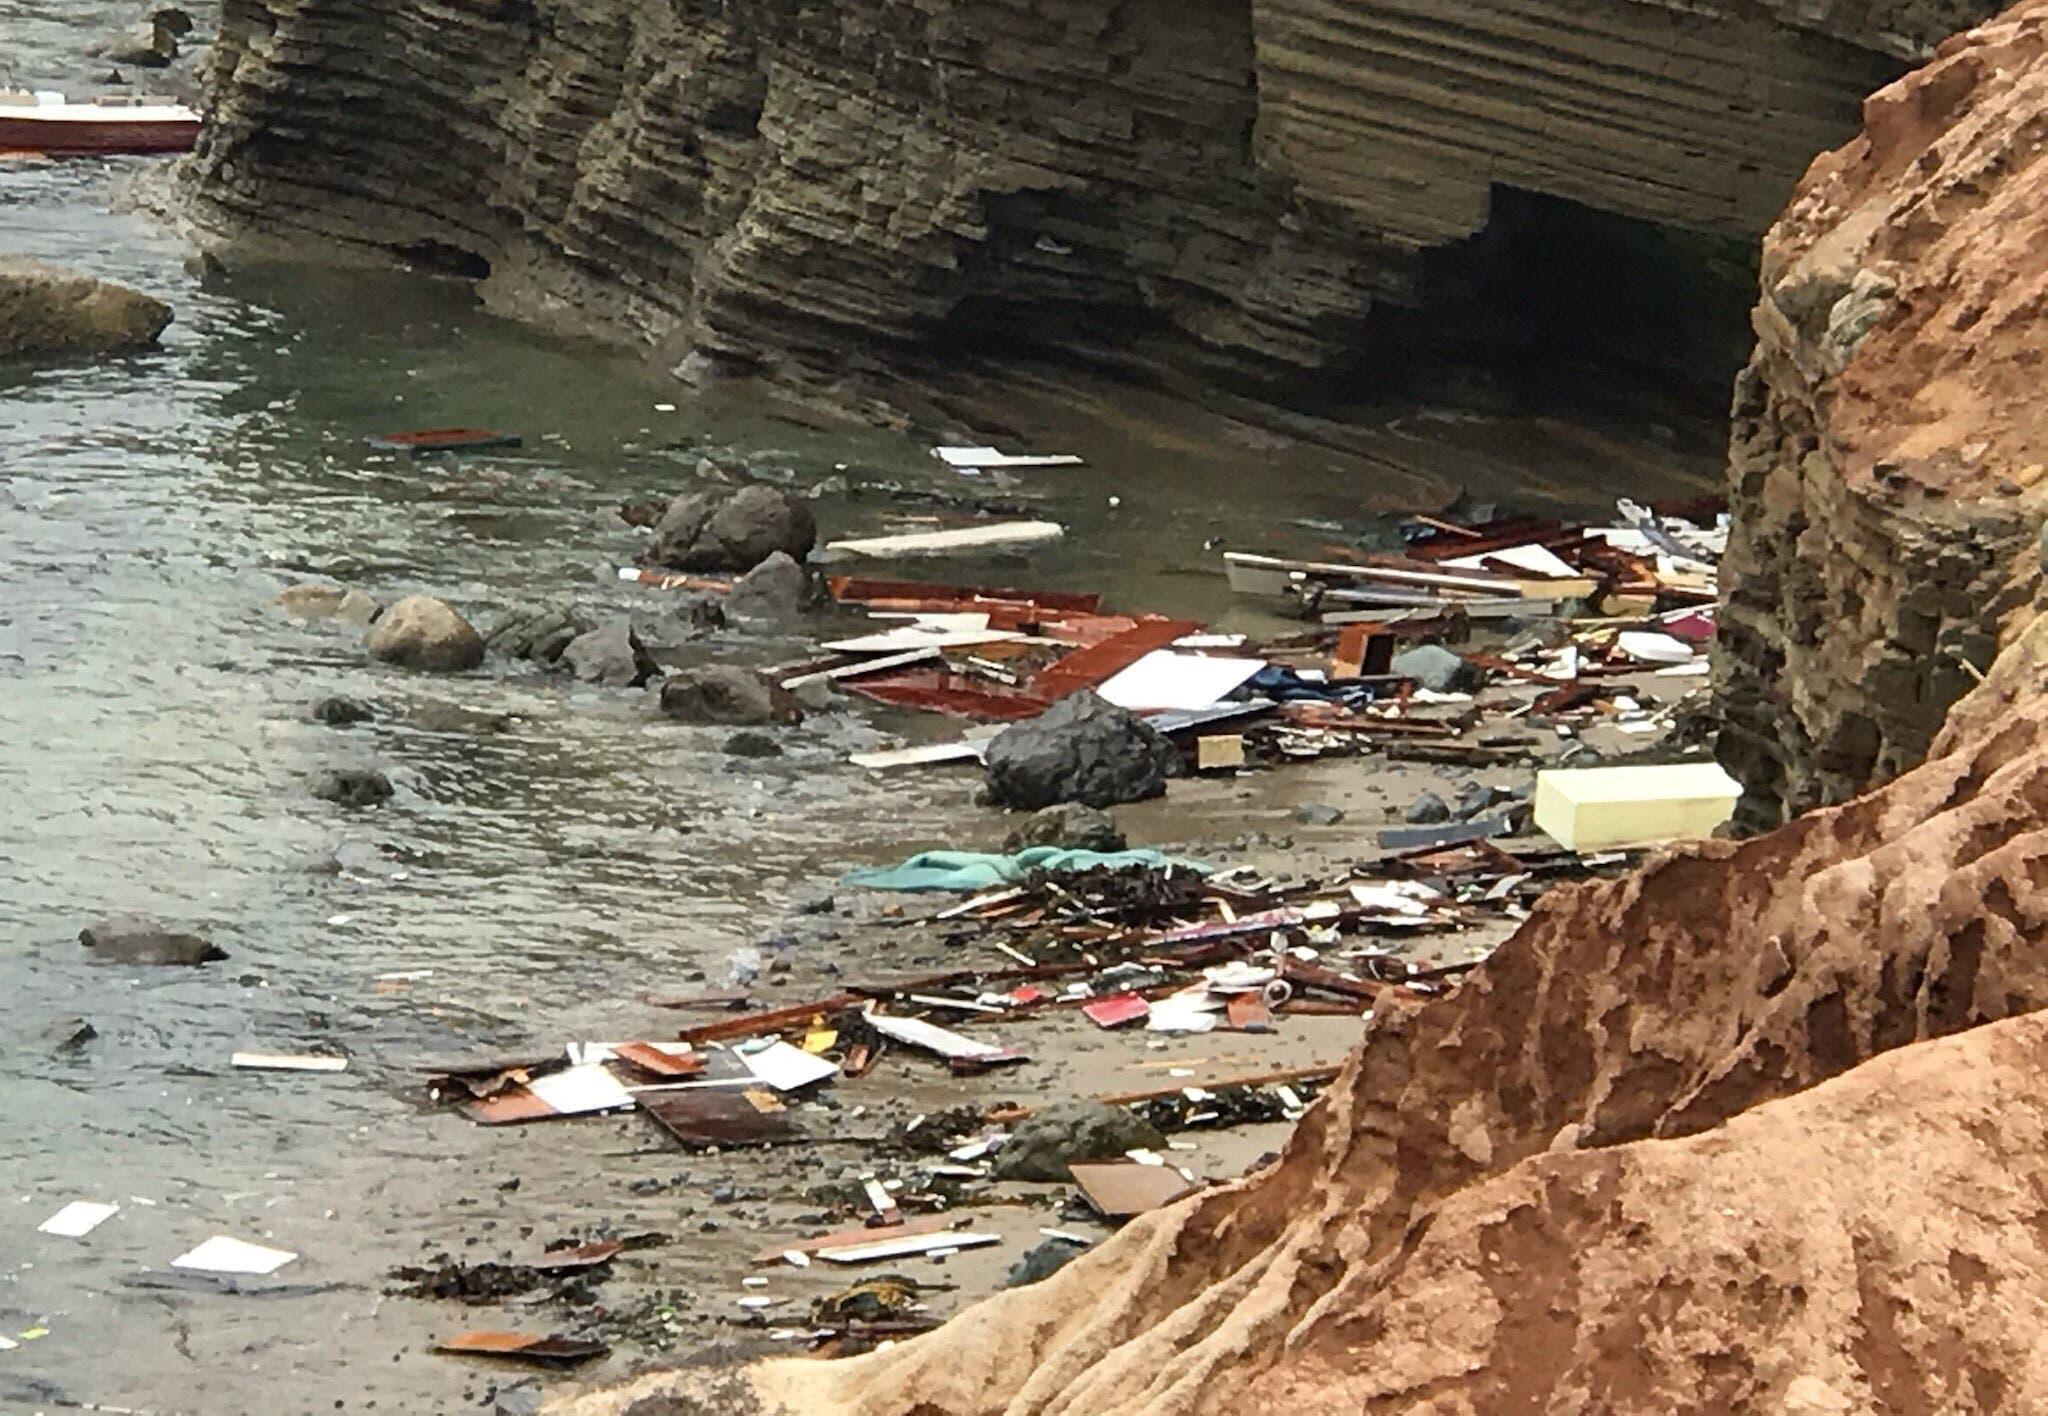 حطام القارب يطفو على المياه قبالة الشاطئ الذي تحطم عليه